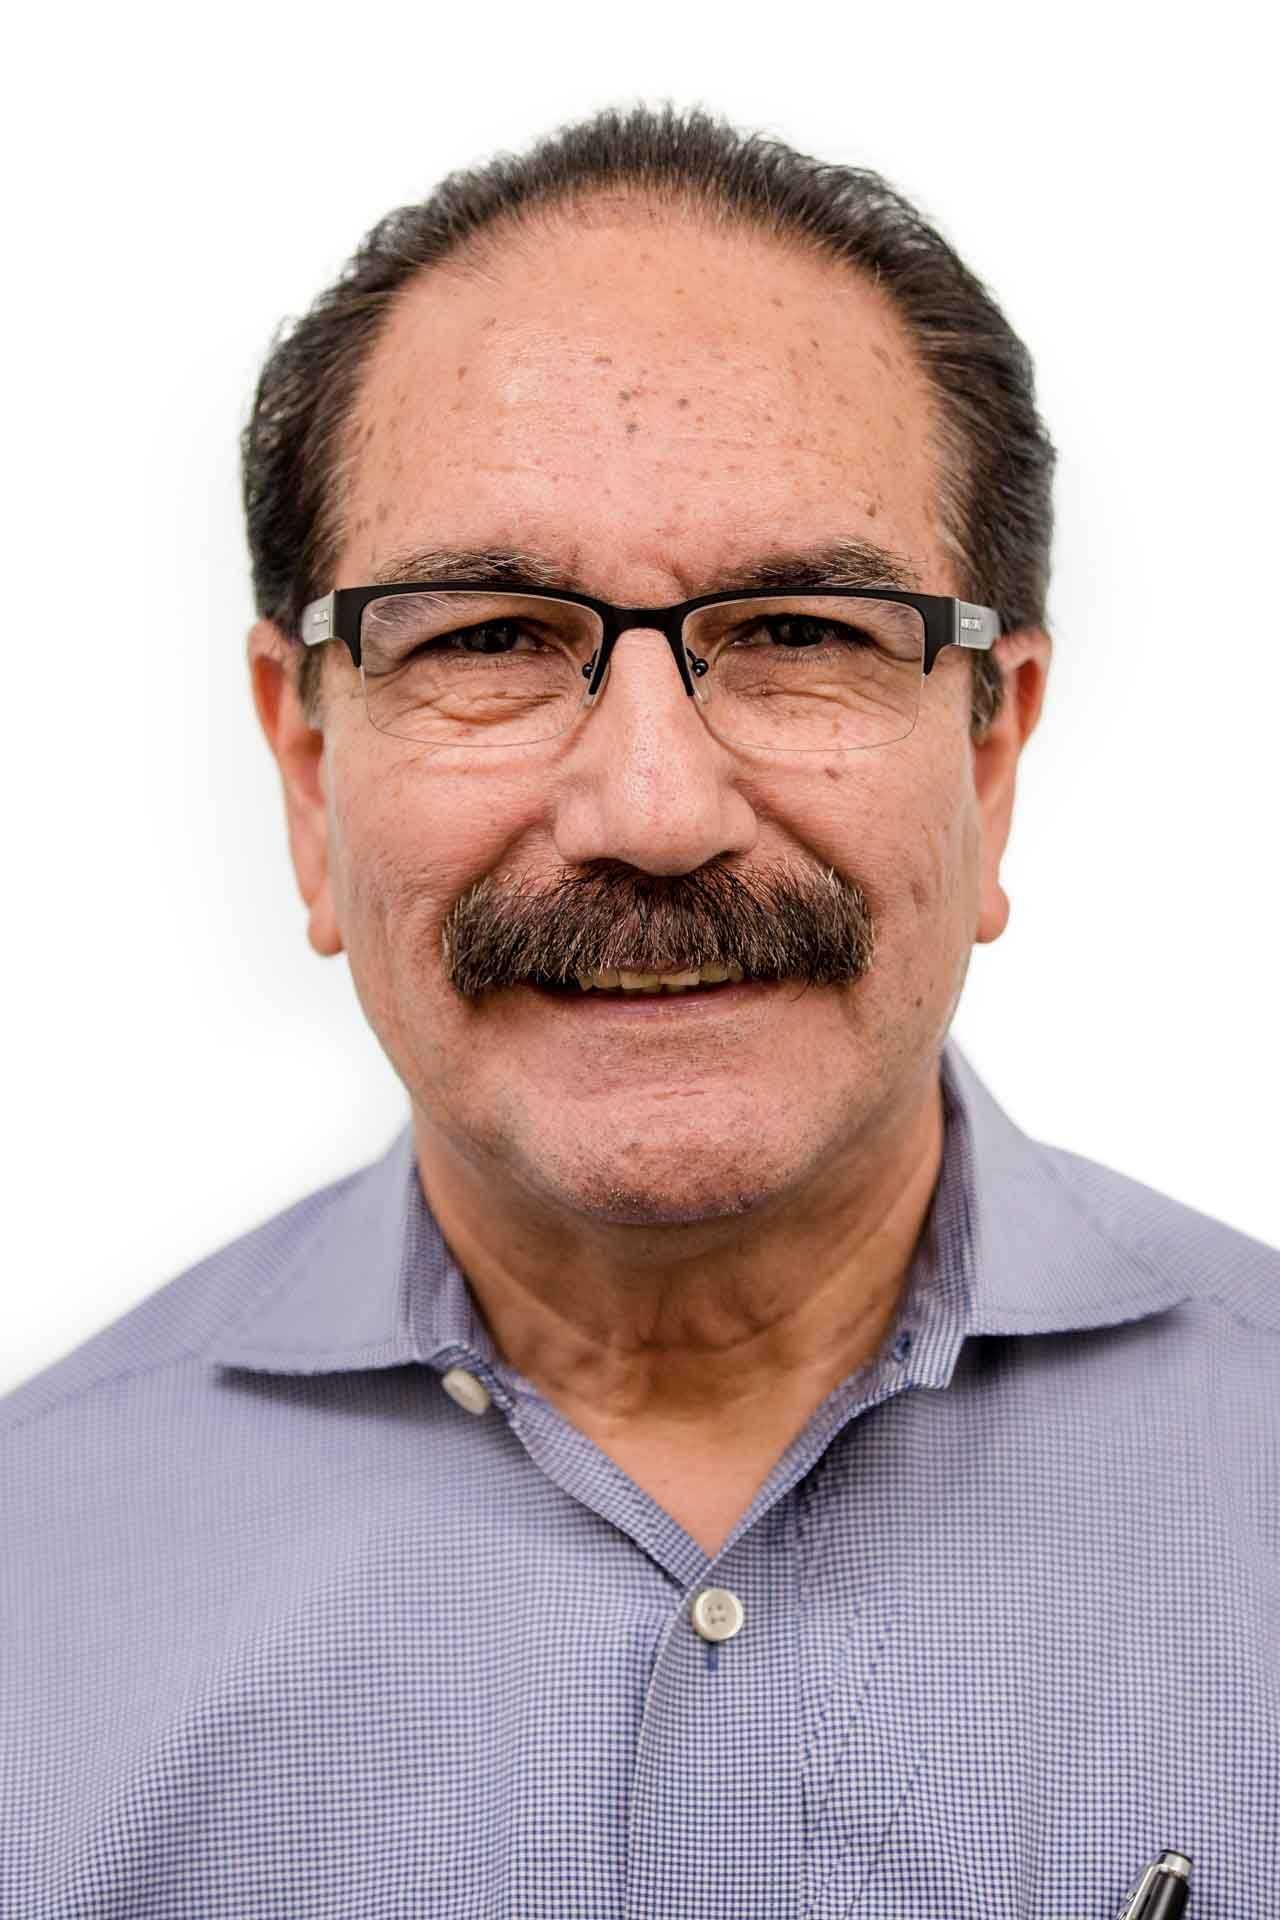 Mario Enriquez